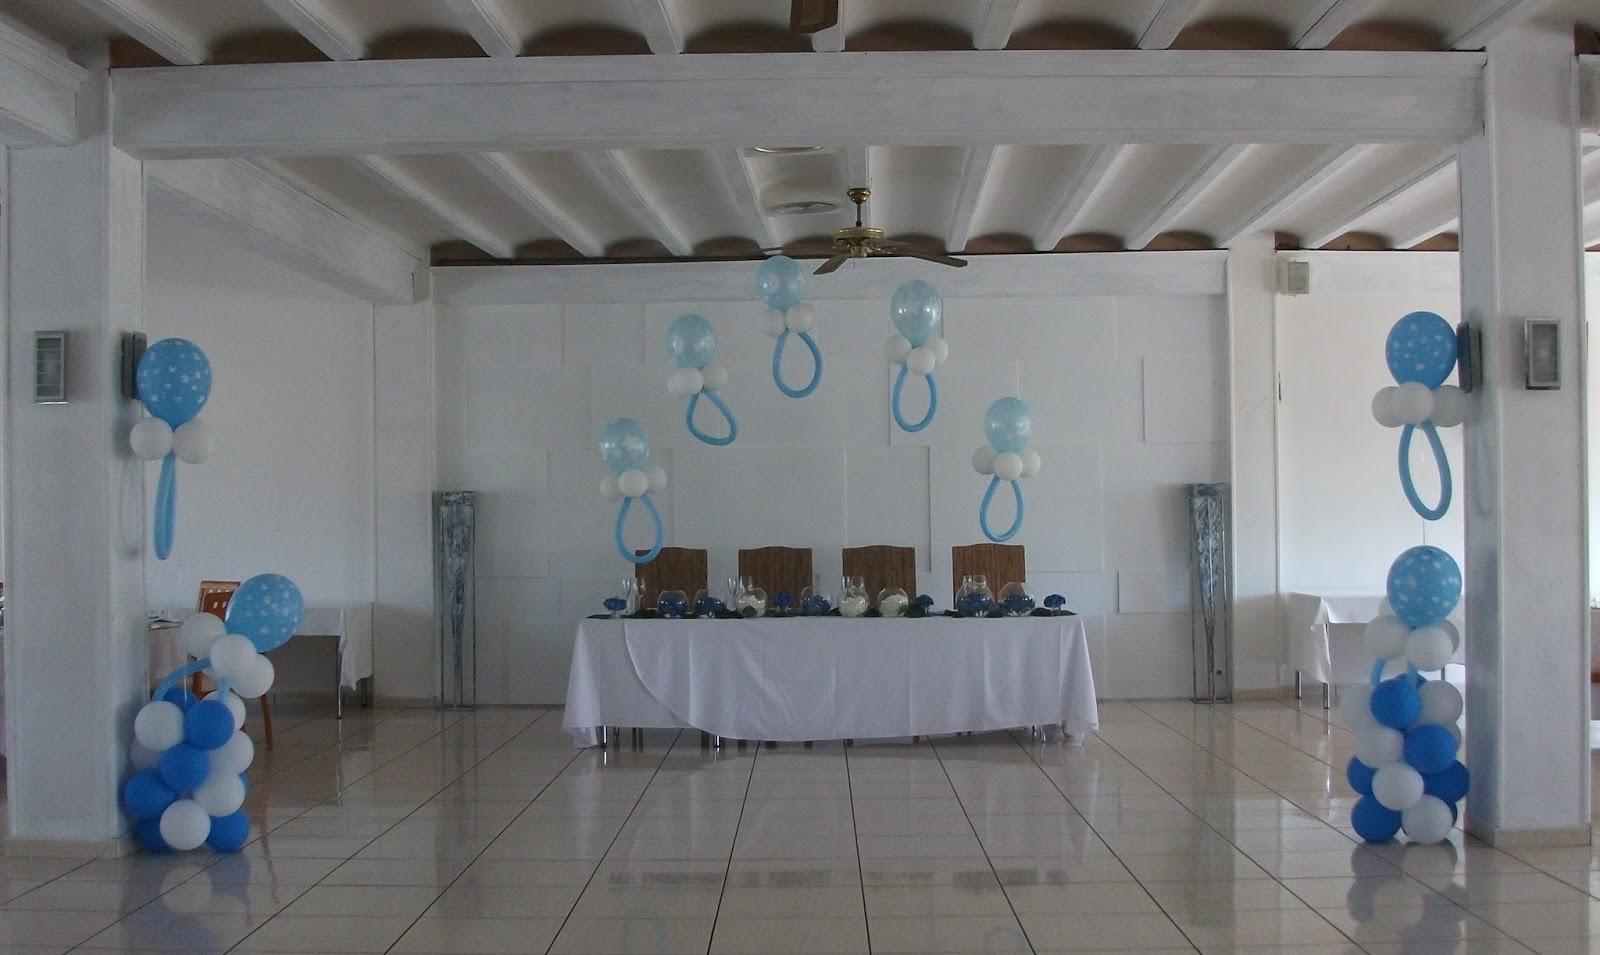 Decoraci n con globos de todo fiesta decoraciones con - Decoracion columnas salon ...